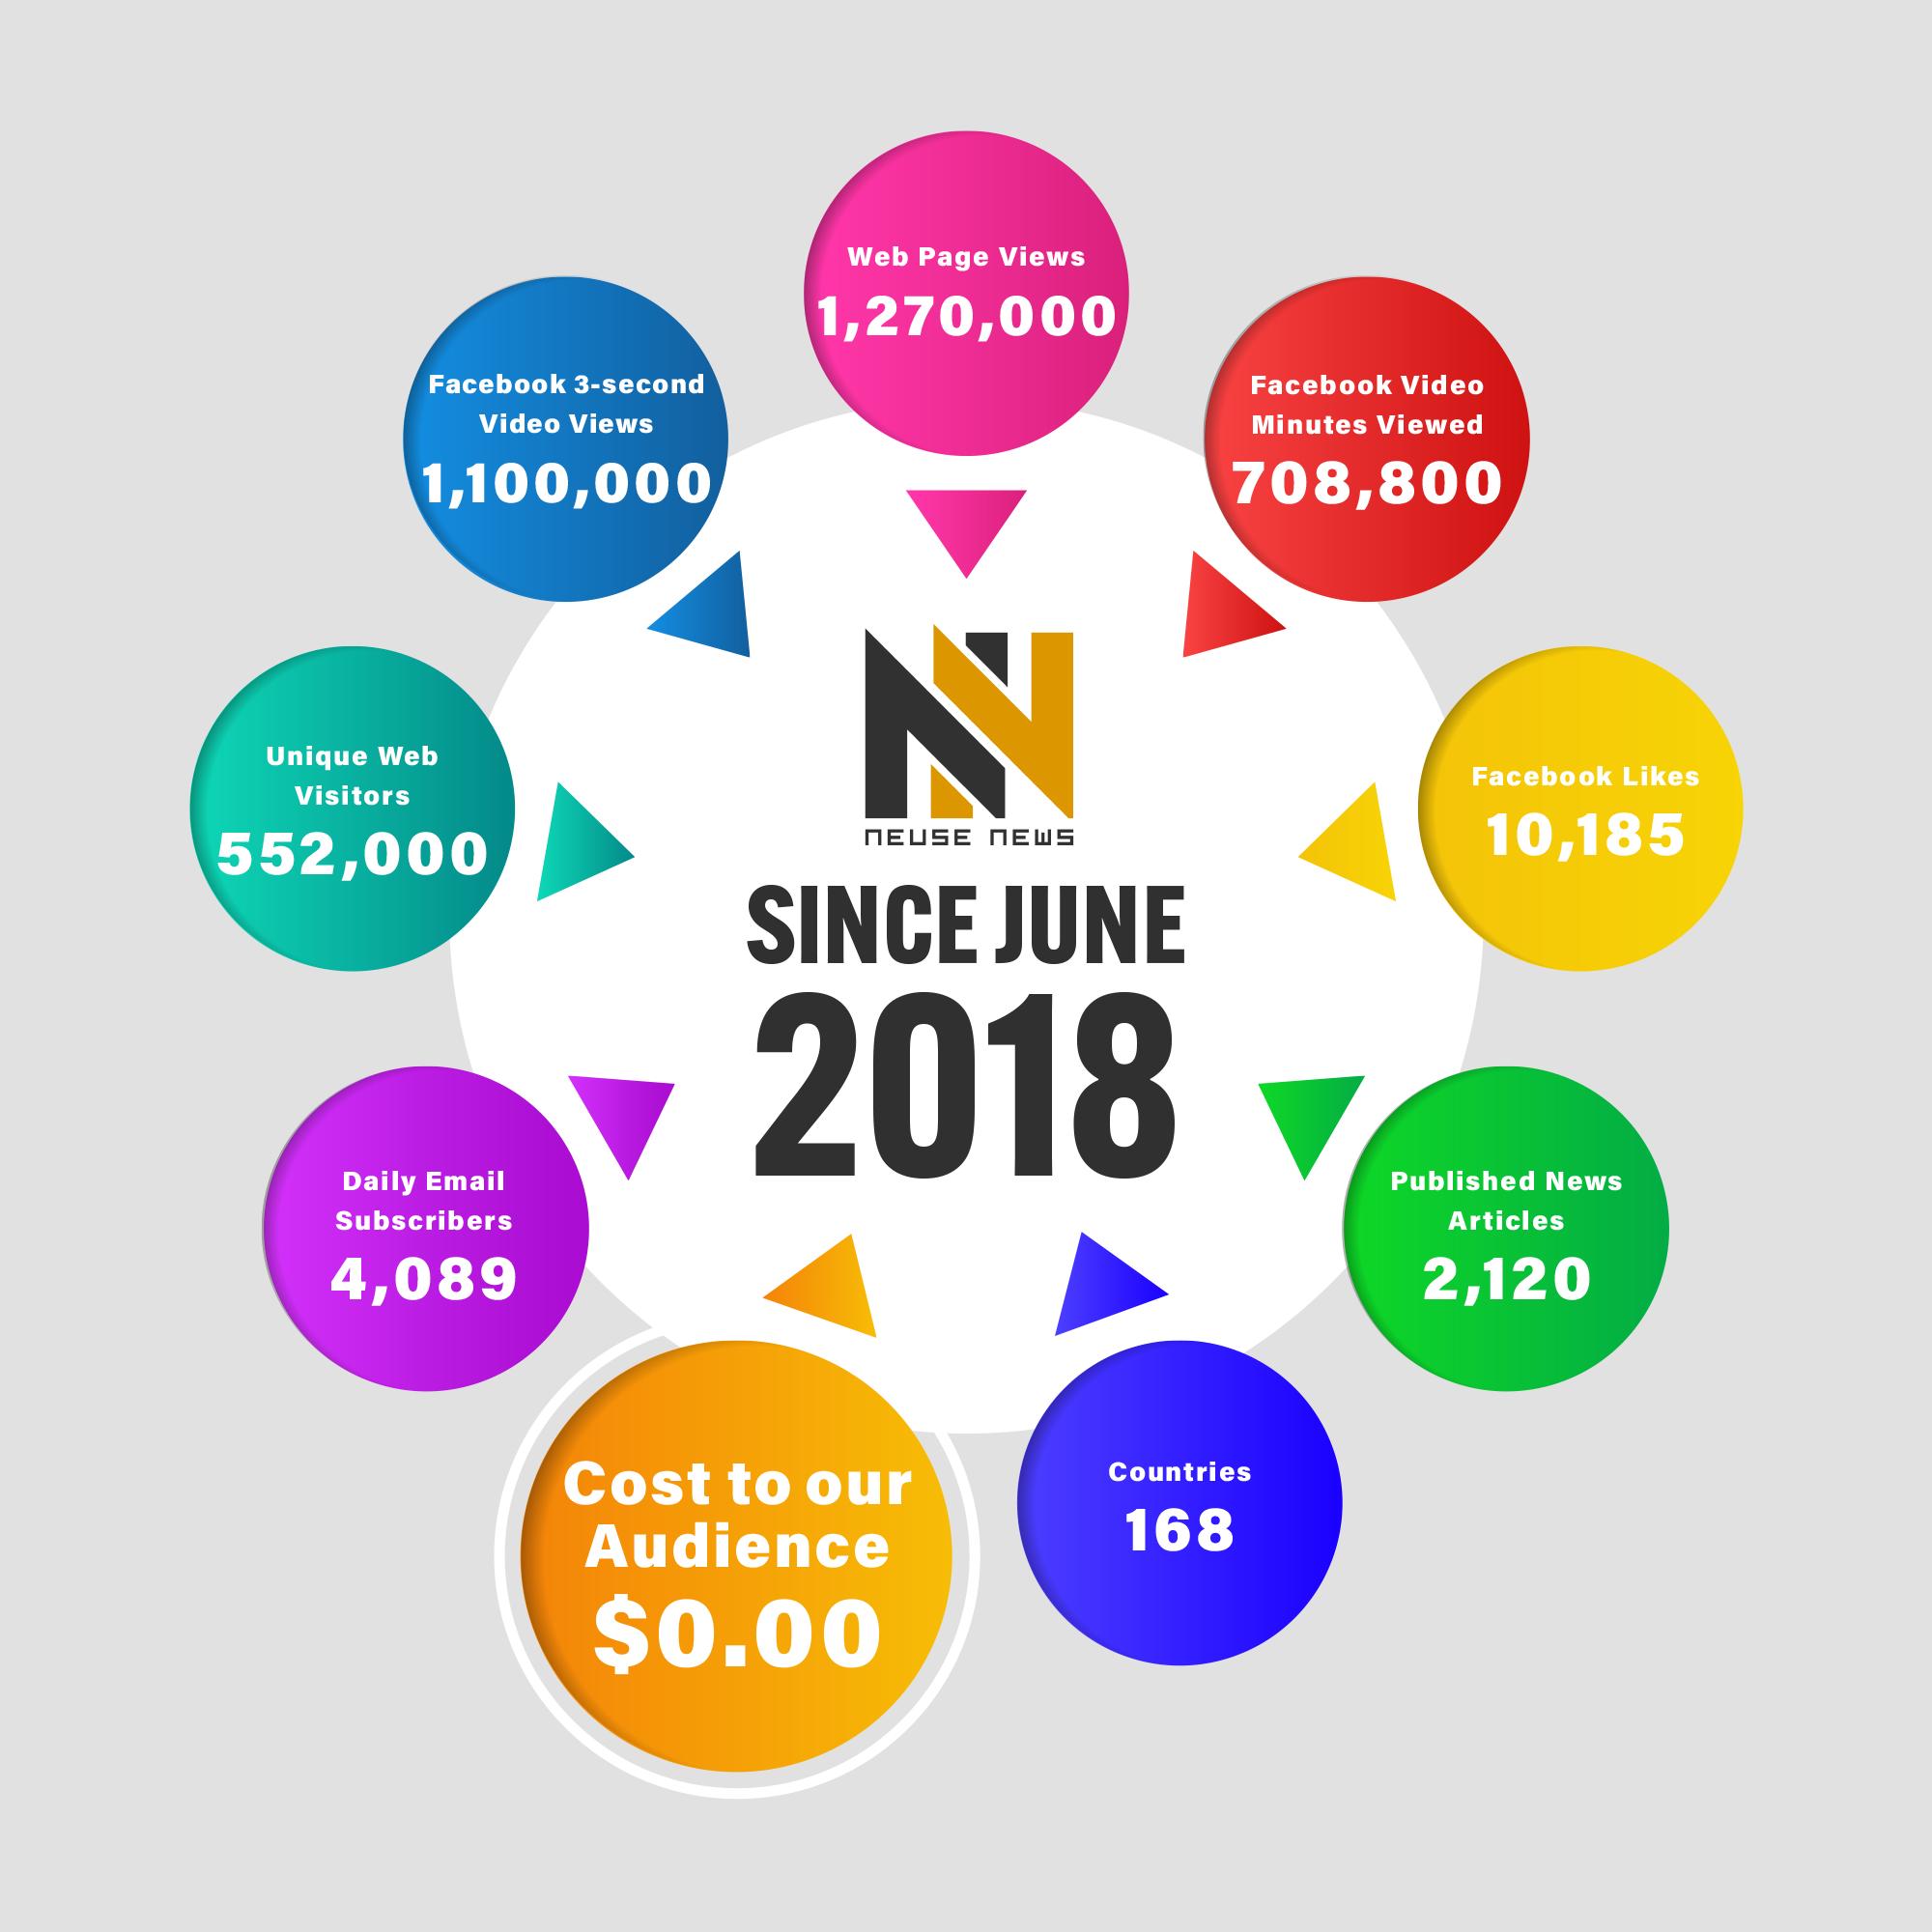 As of June 24, 2019